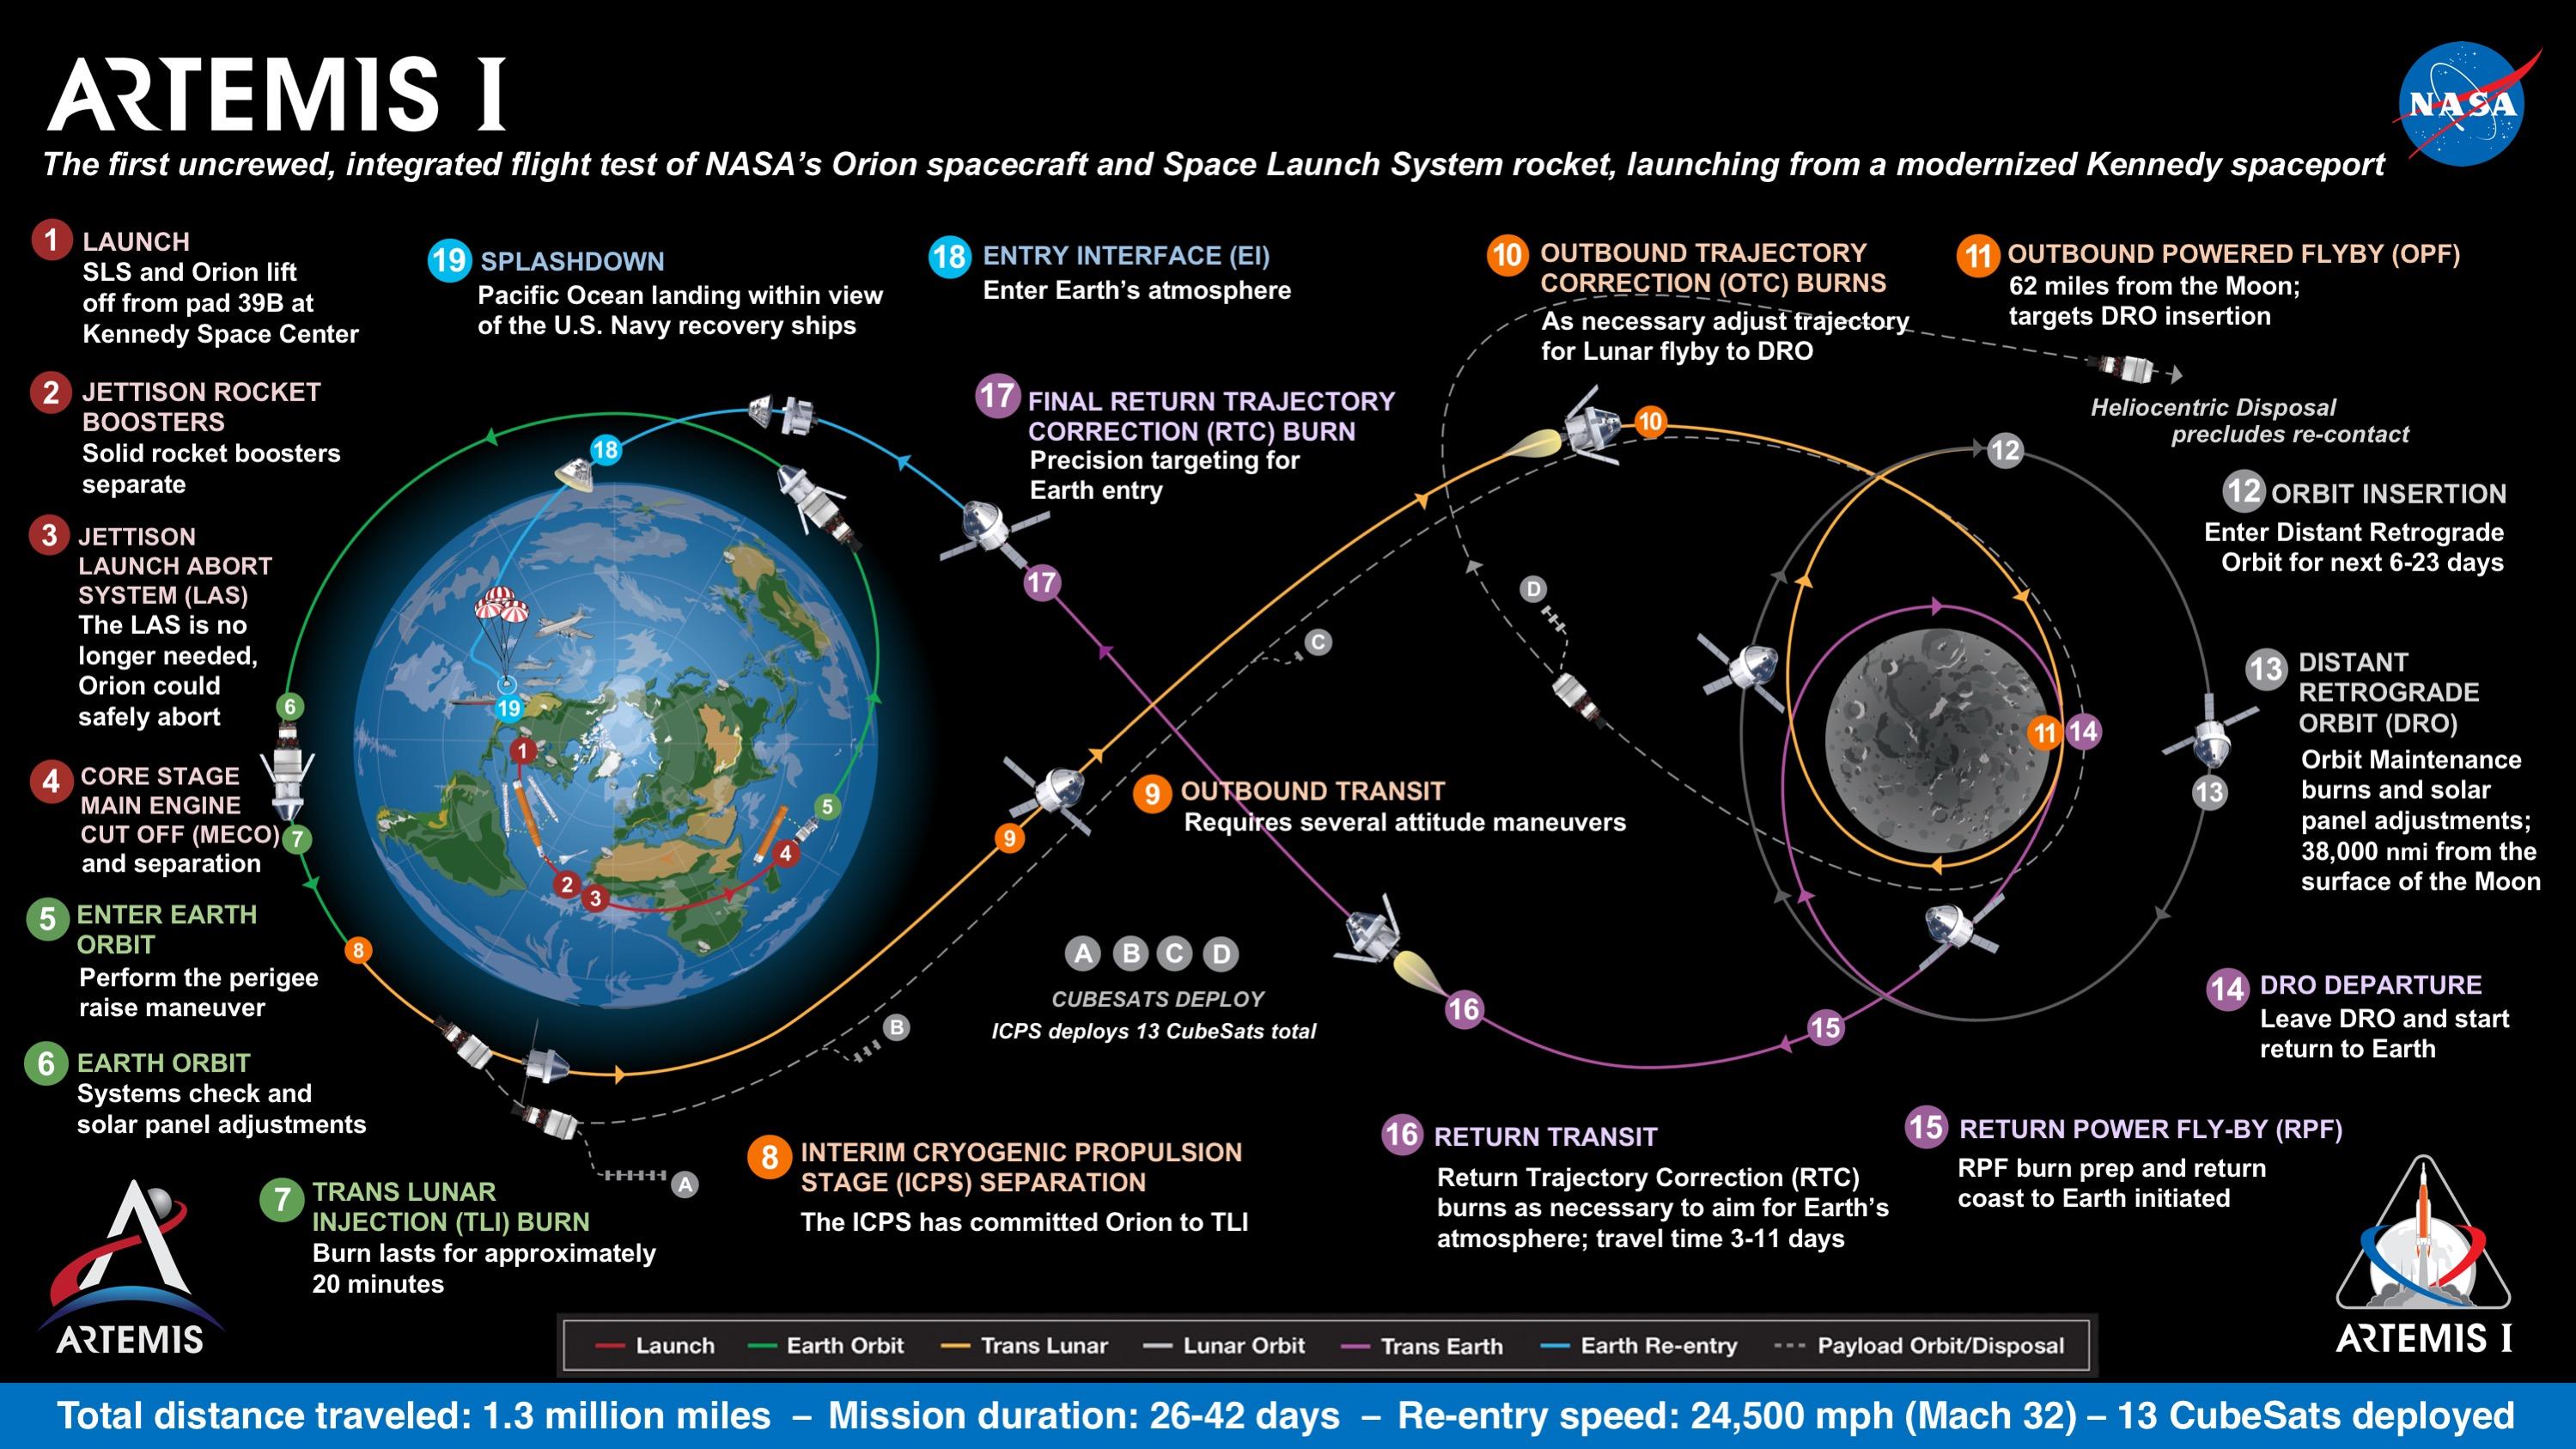 Artemis 1 Mission